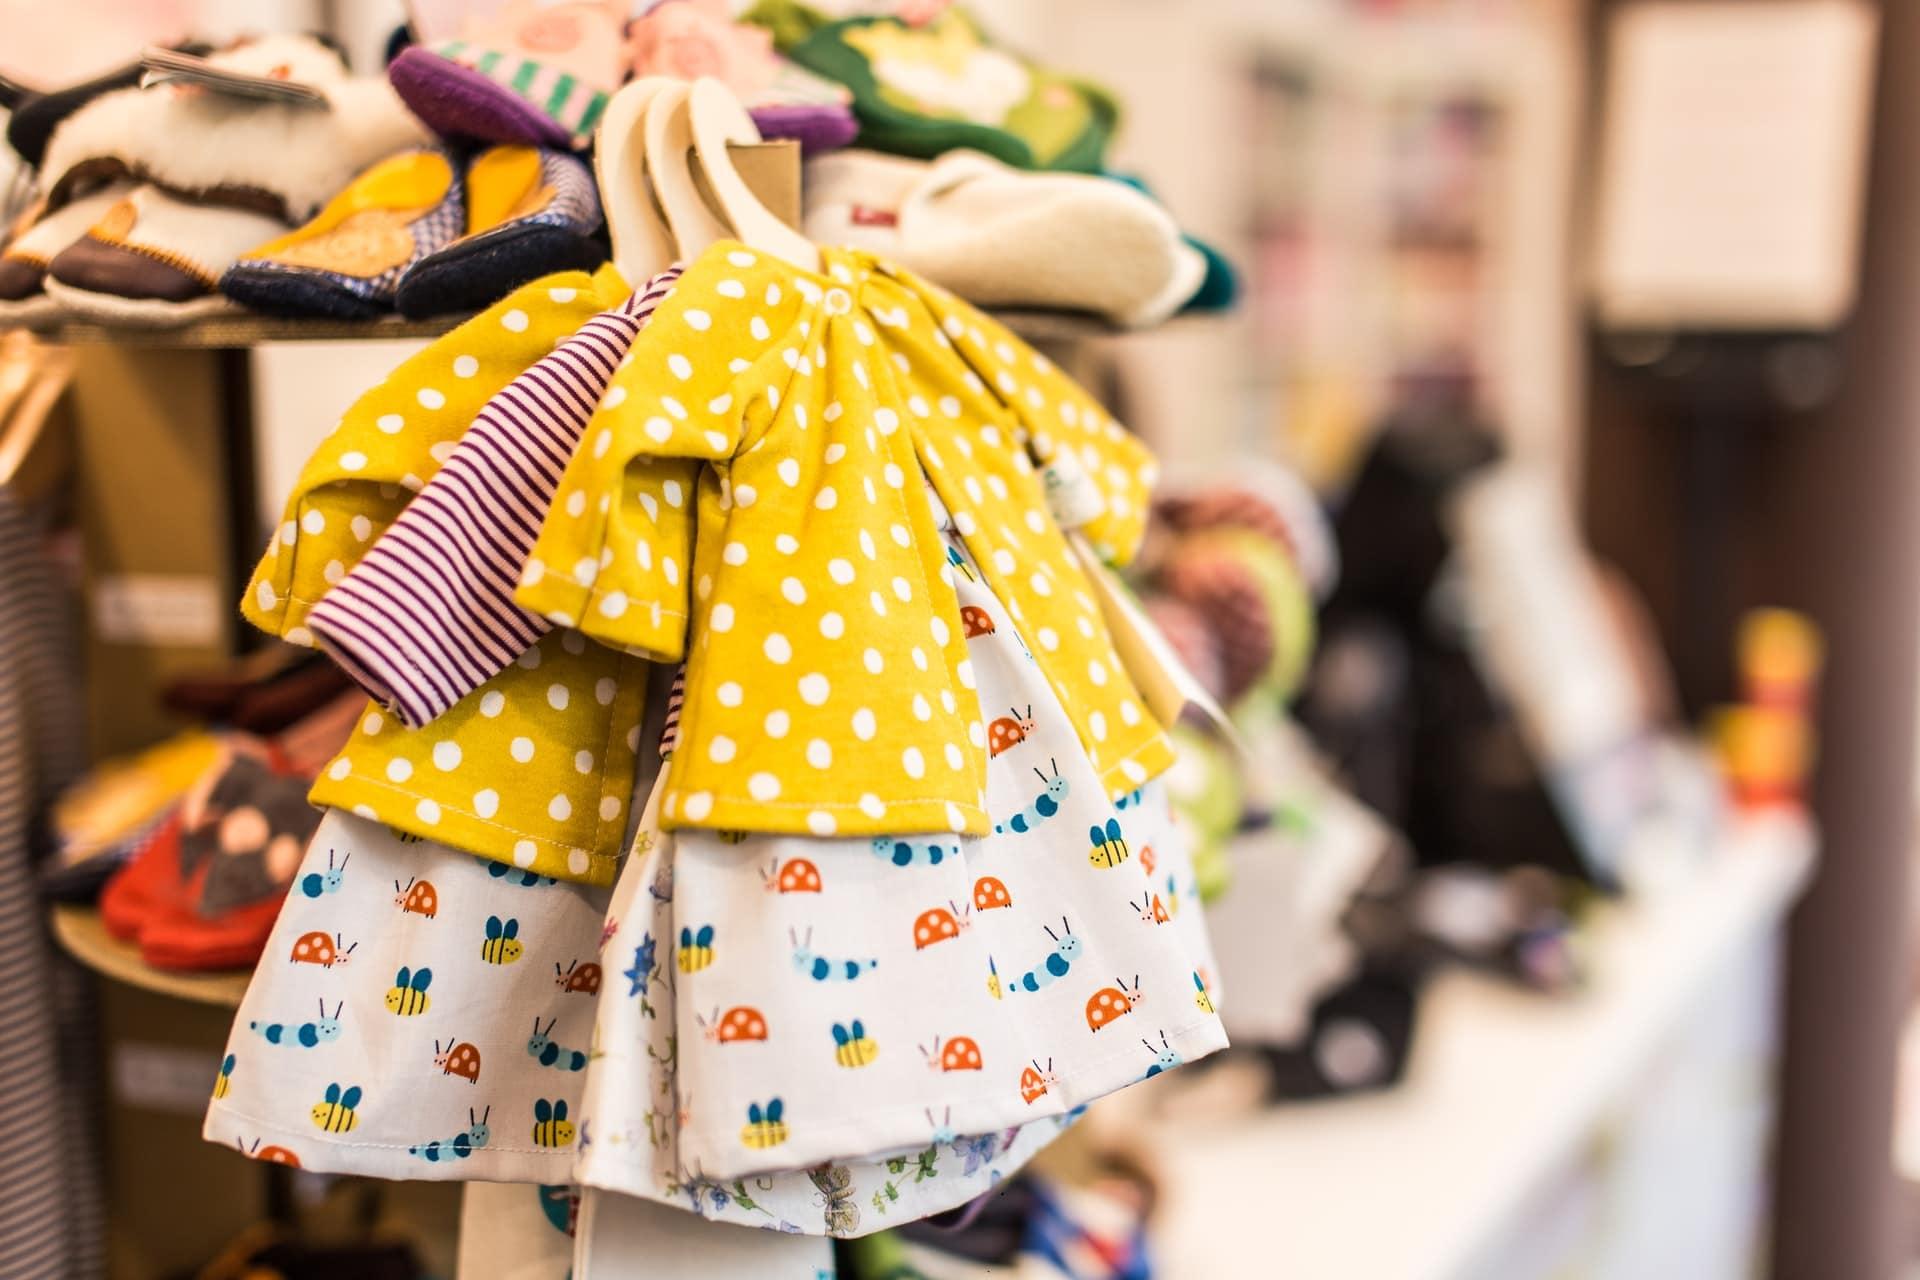 co warto kupic aby stworzyc modna stylizacje dziecieca